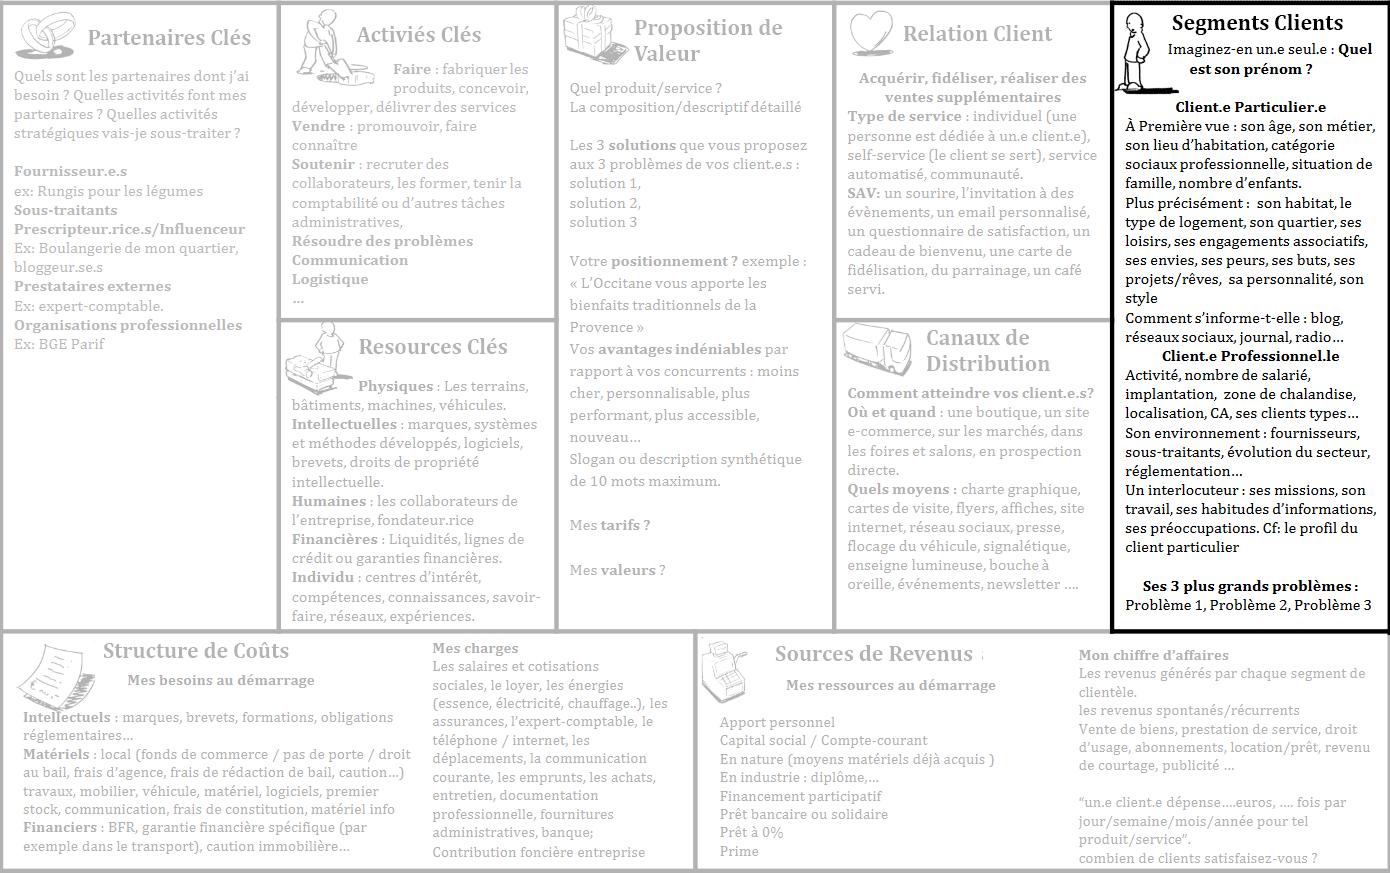 Business-model-canvas-tableau-segments-clients